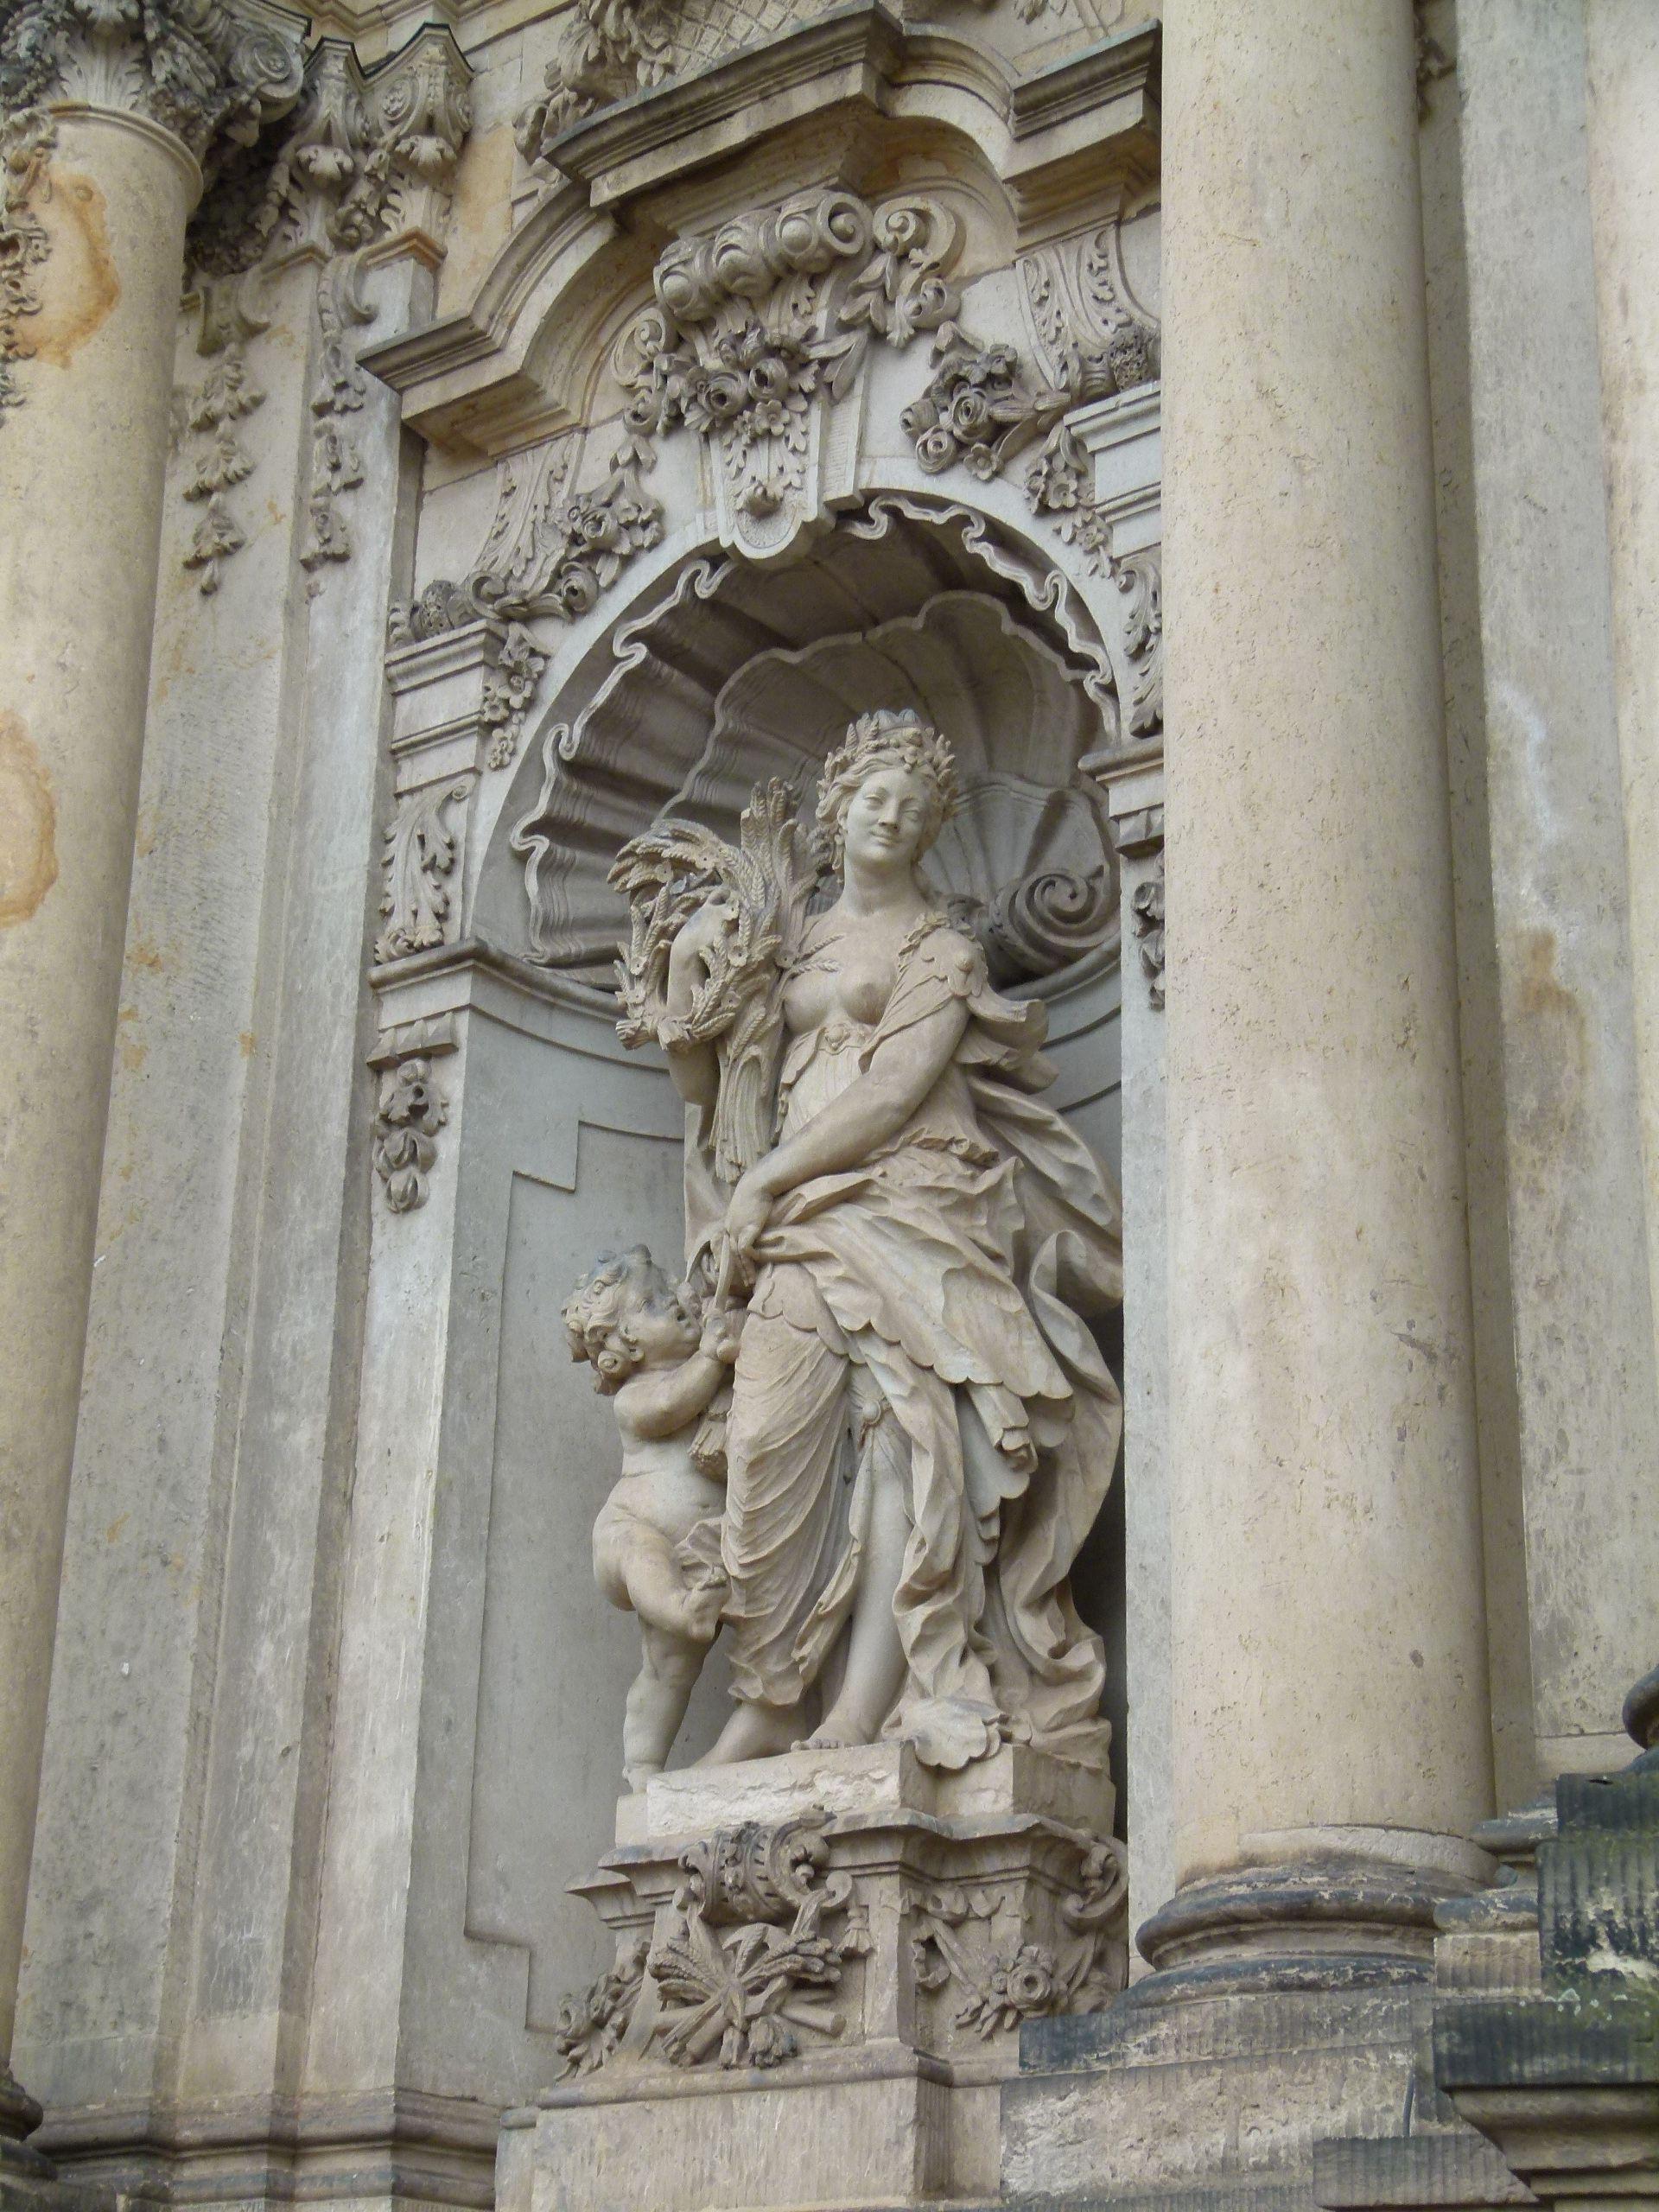 Skulptur Im Dresdner Zwinger Tượng Phục Hưng